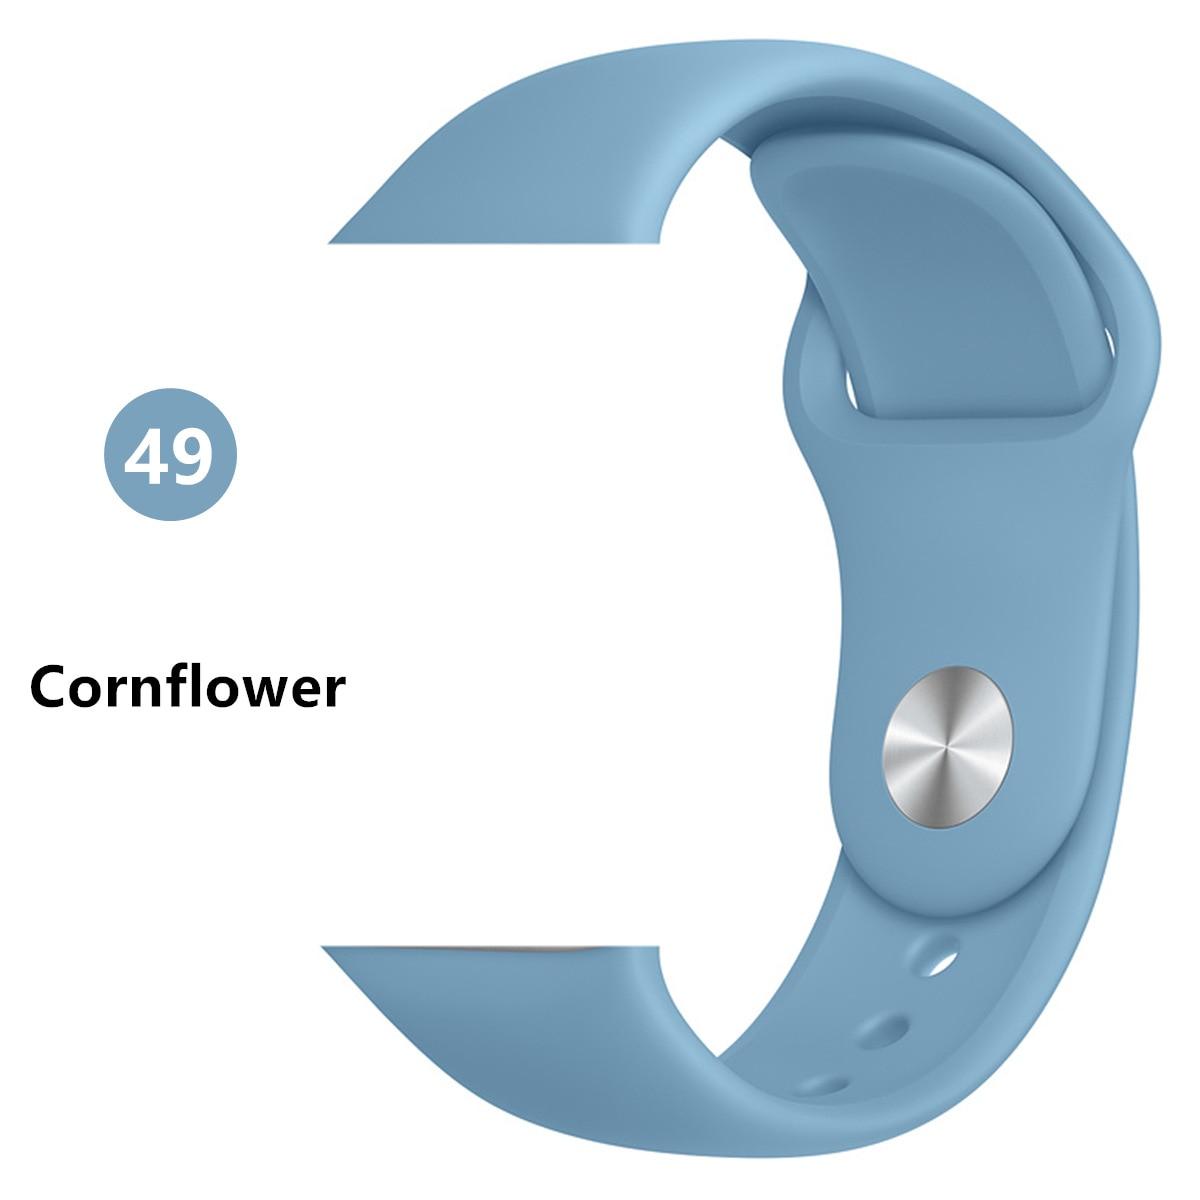 Ремешок для Apple Watch 38 мм 42 мм iWatch 4 ремешка 44 мм 40 мм спортивный силиконовый ремень браслет Apple watch 5 4 3 2 Аксессуары для ремешка - Цвет ремешка: Cornflower